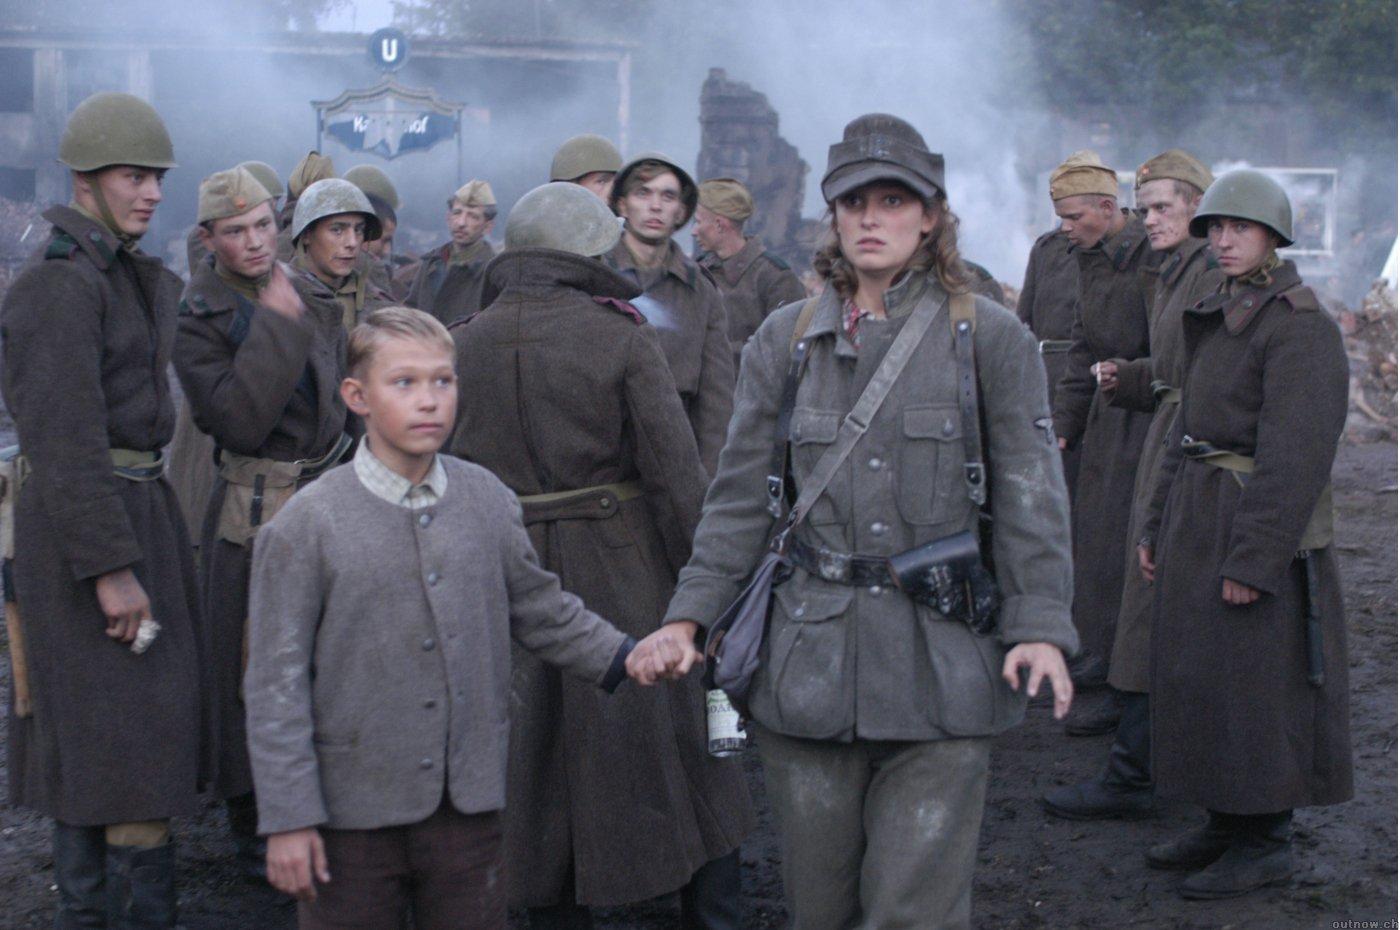 Солдаты трахают девочку 15 фотография